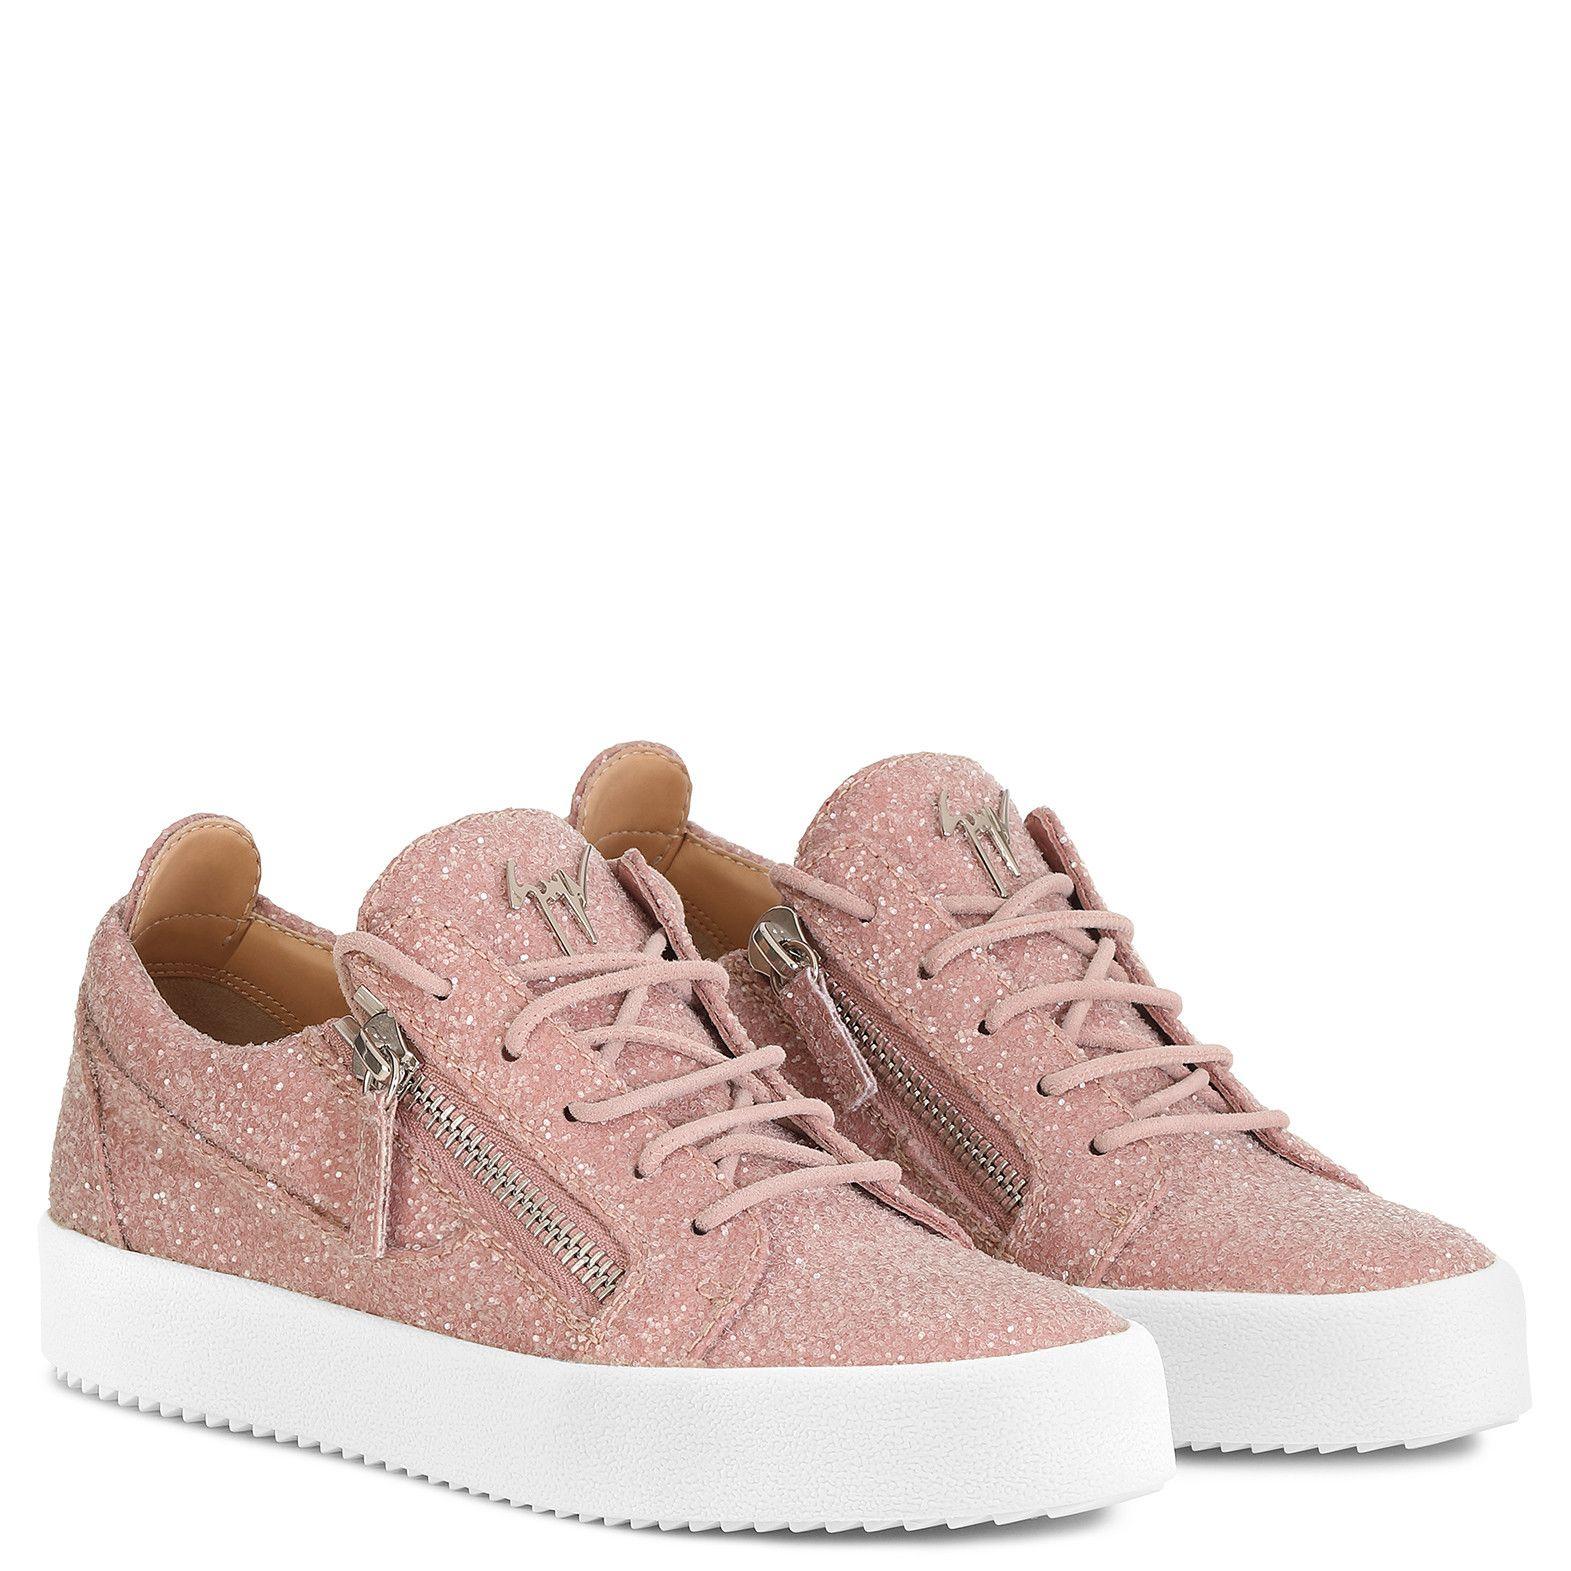 ddf2effb3095f Cheryl Glitter - Low Tops - Pink | Giuseppe Zanotti - US in Pink Glitter